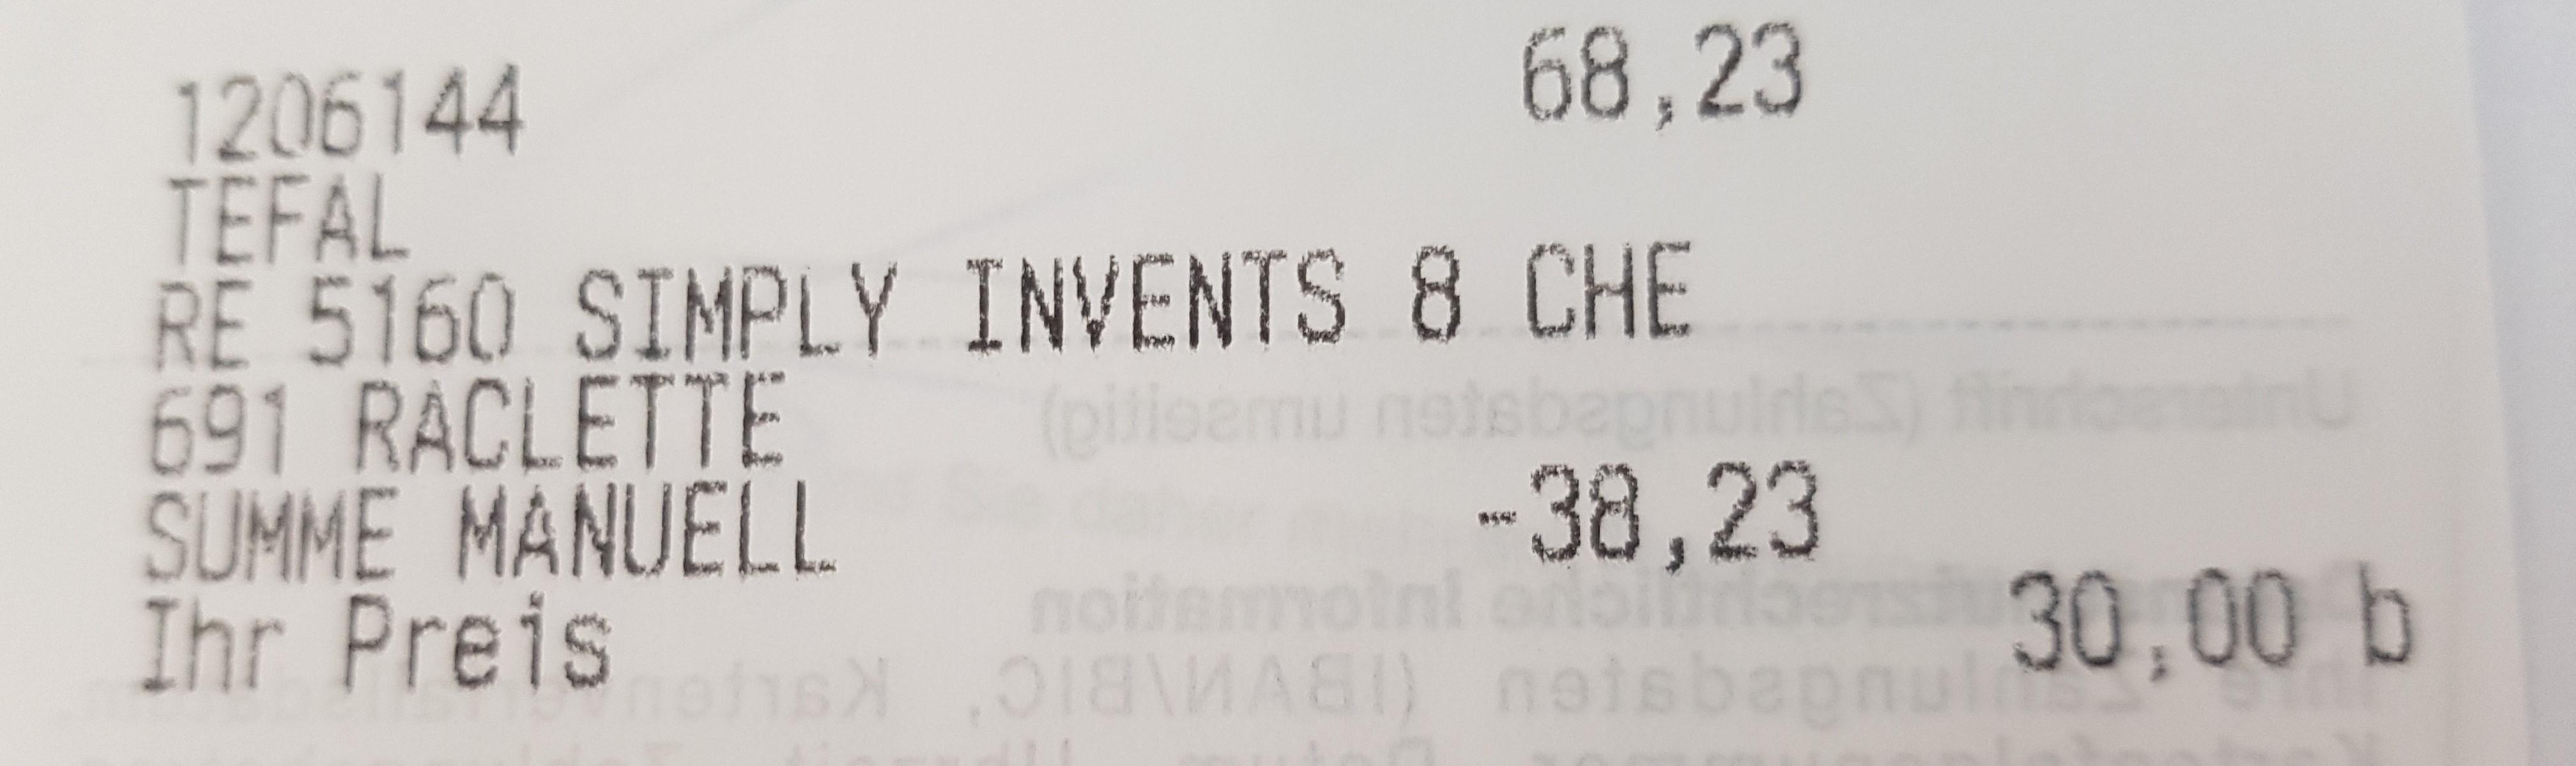 1677127.jpg